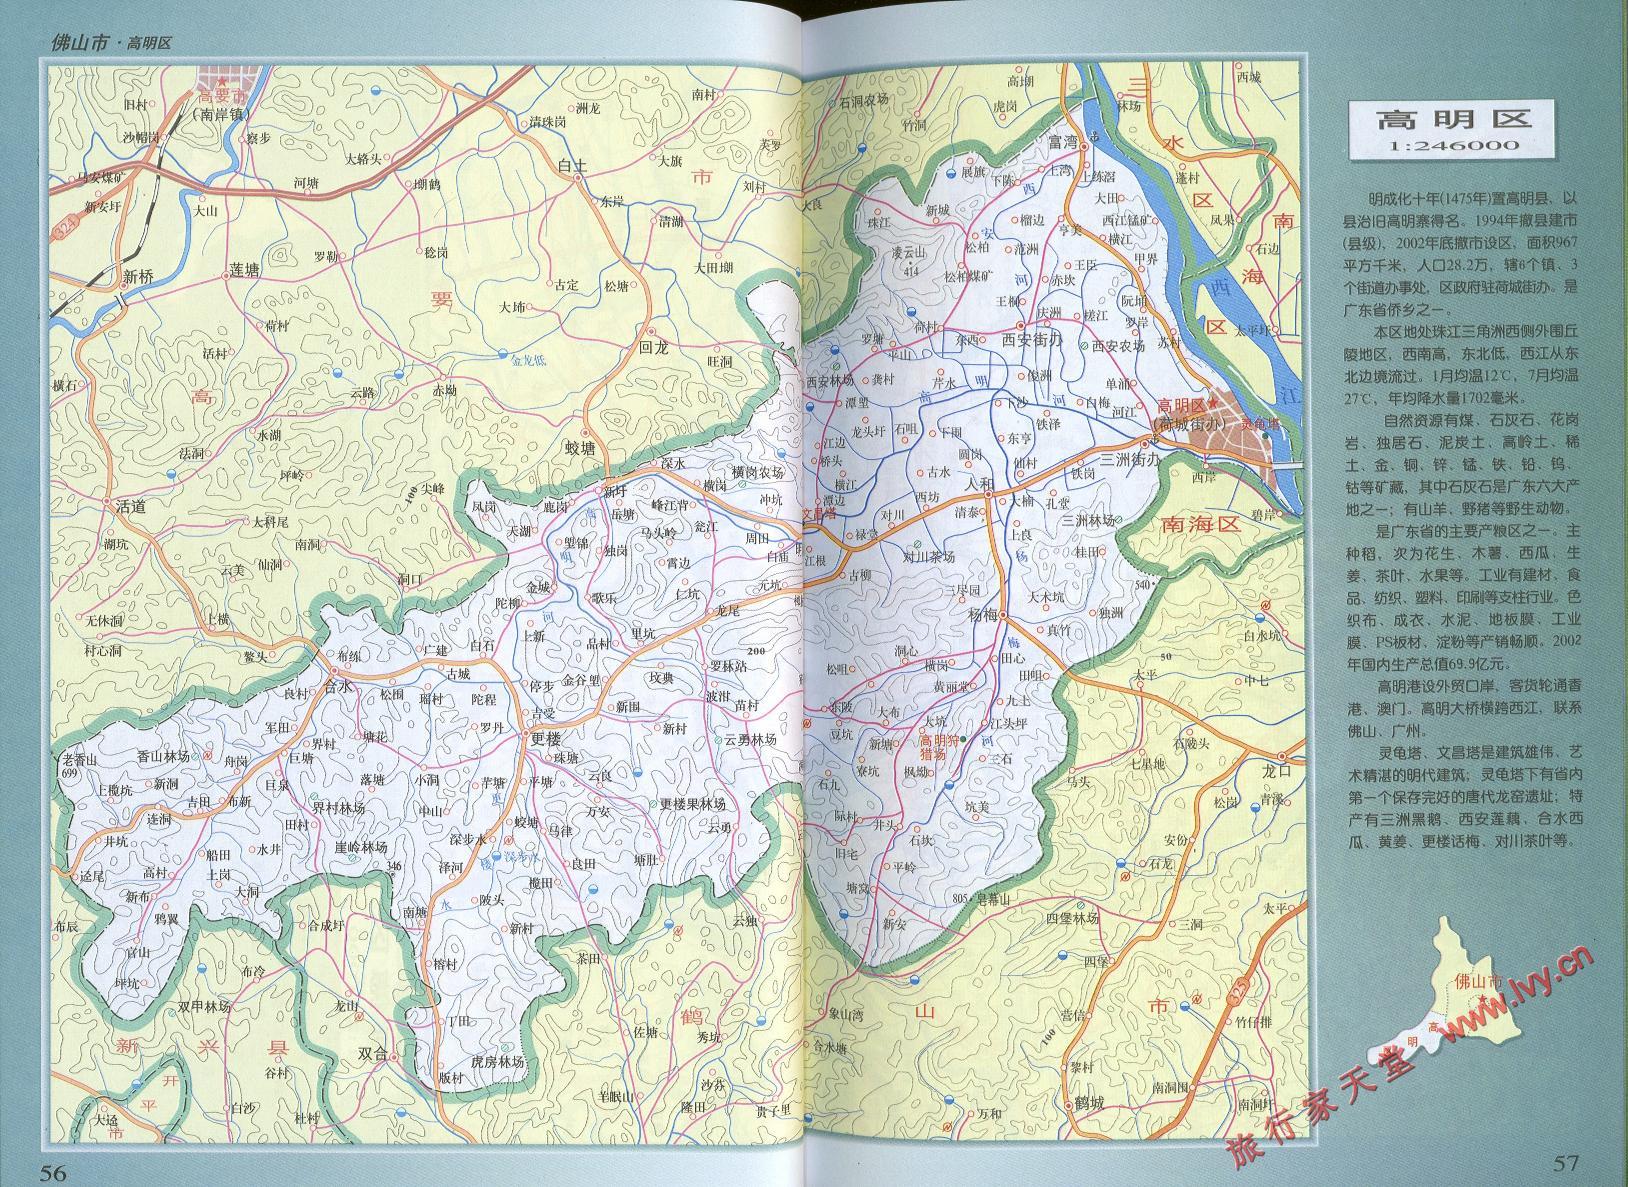 佛山市高明区地图